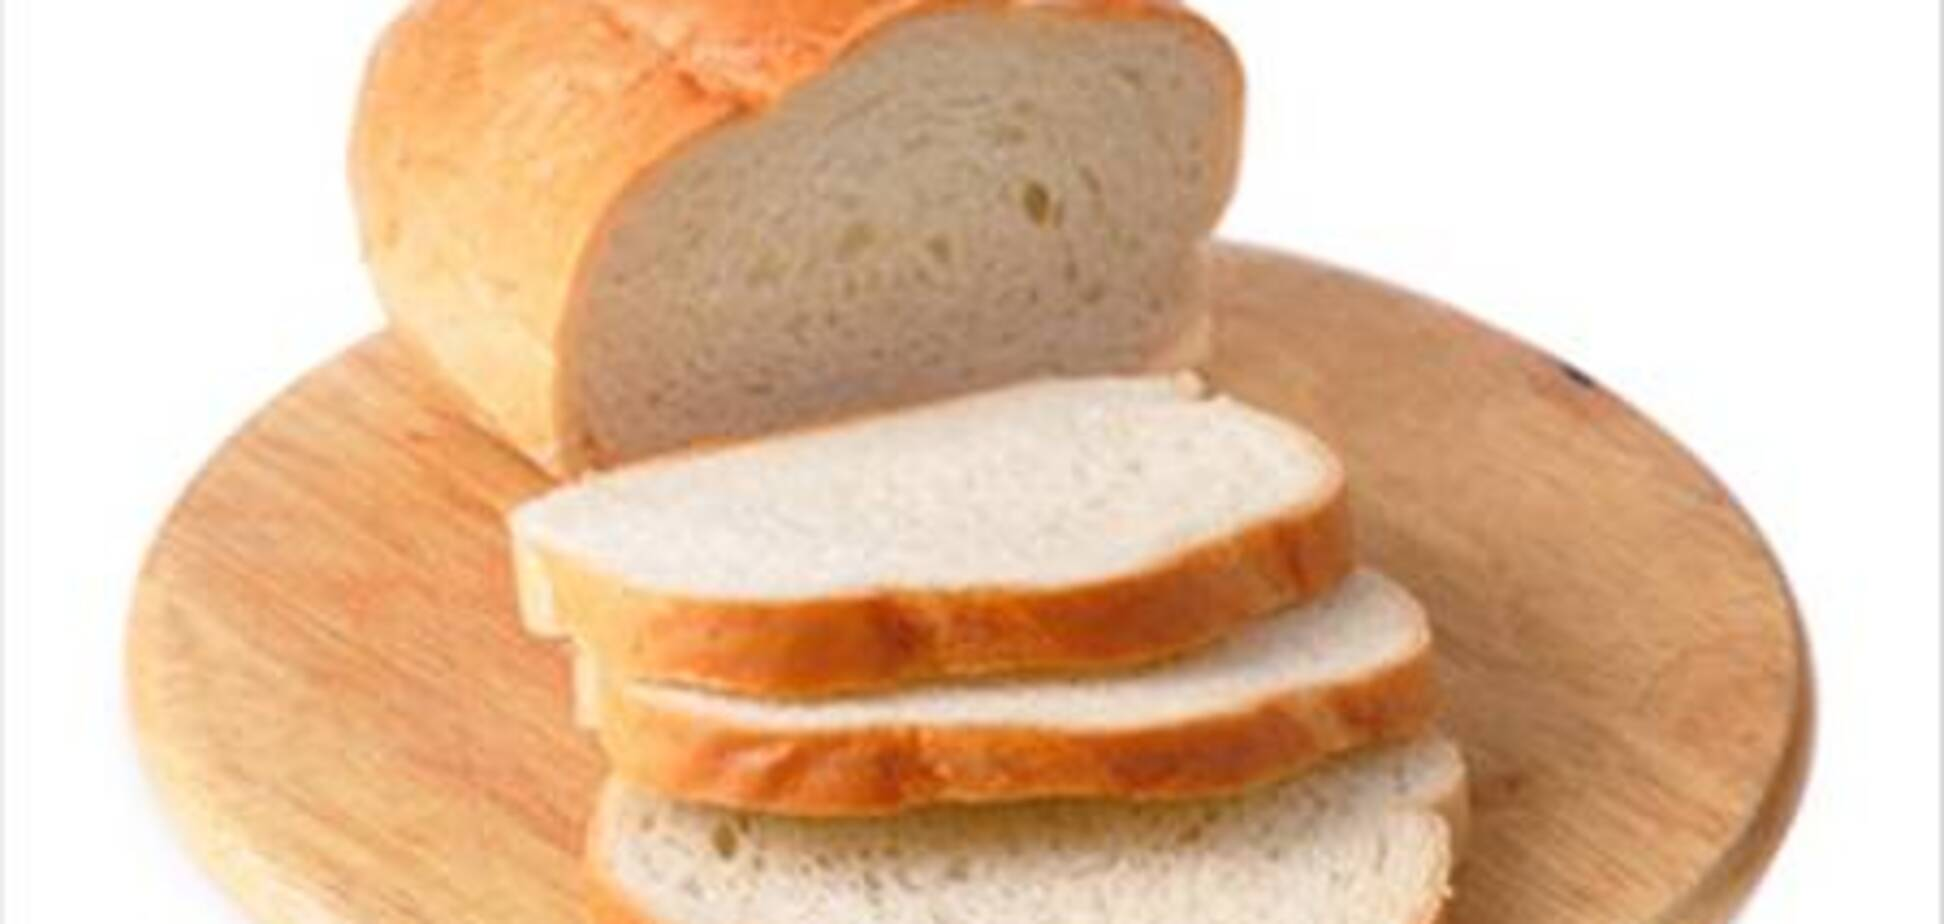 Хлеб - главный источник вредной соли